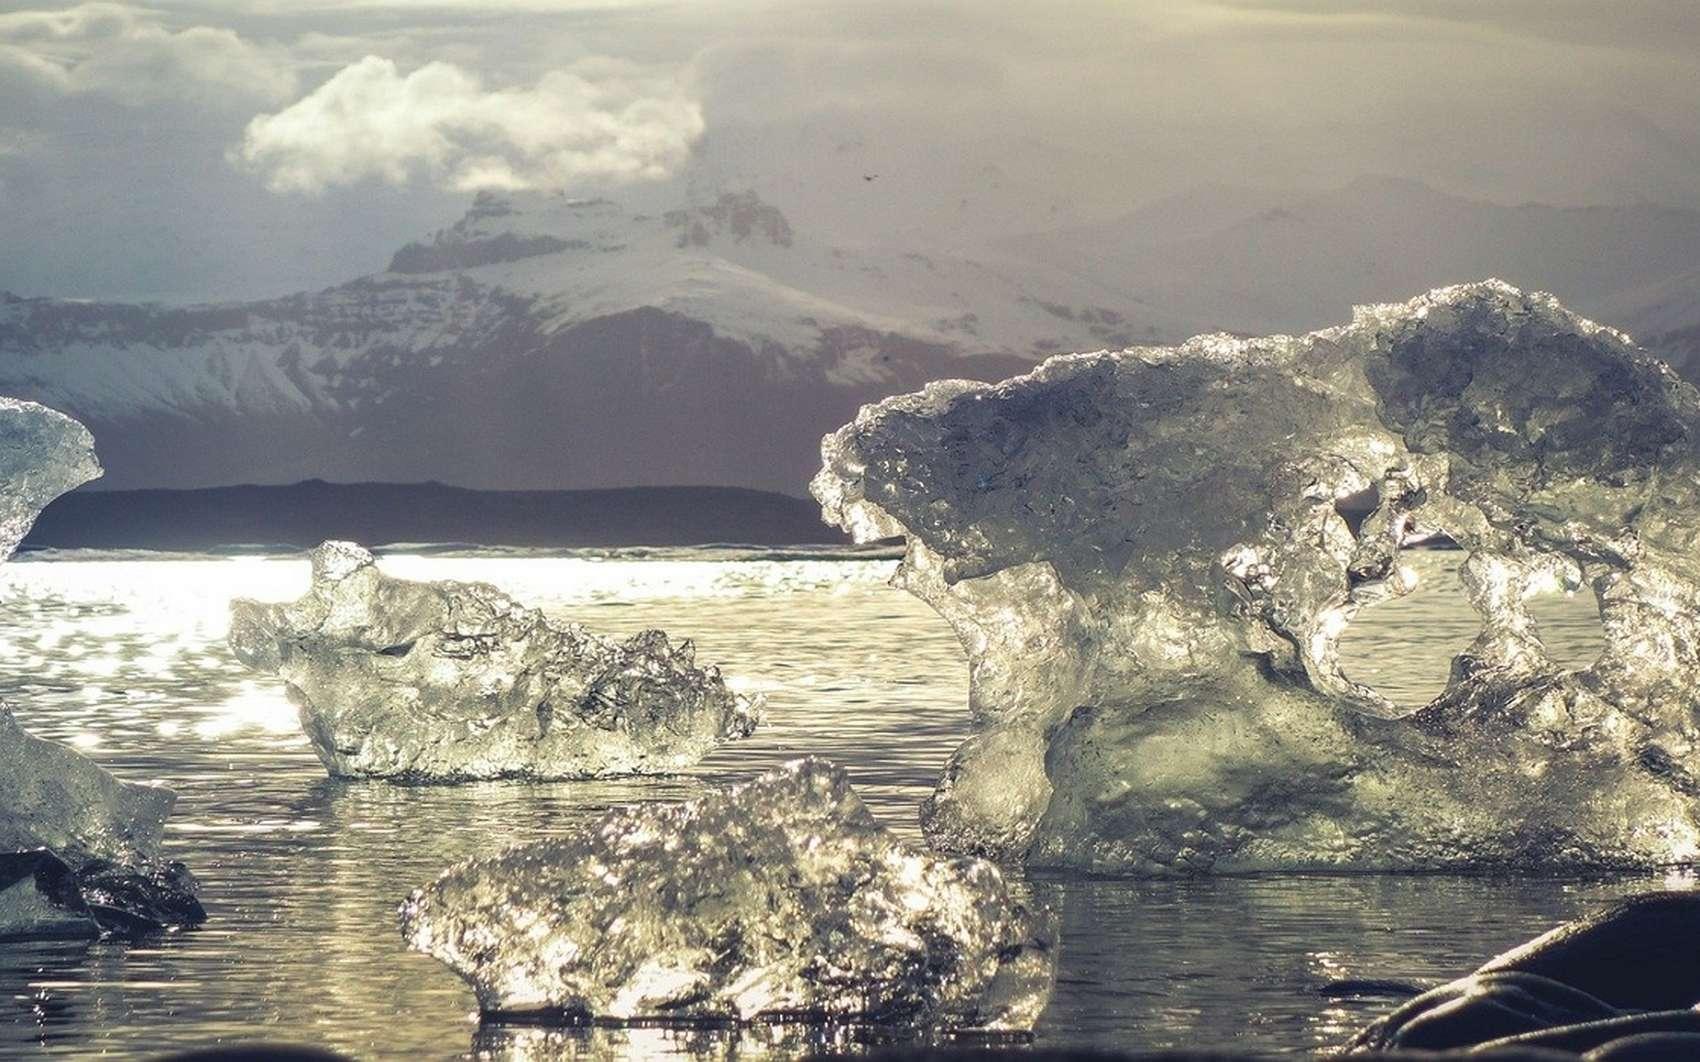 À l'inverse de l'Antarctique, l'Arctique n'est pas constitué de terre mais seulement d'eau conglelée. © Noel_bauza, Pixabay